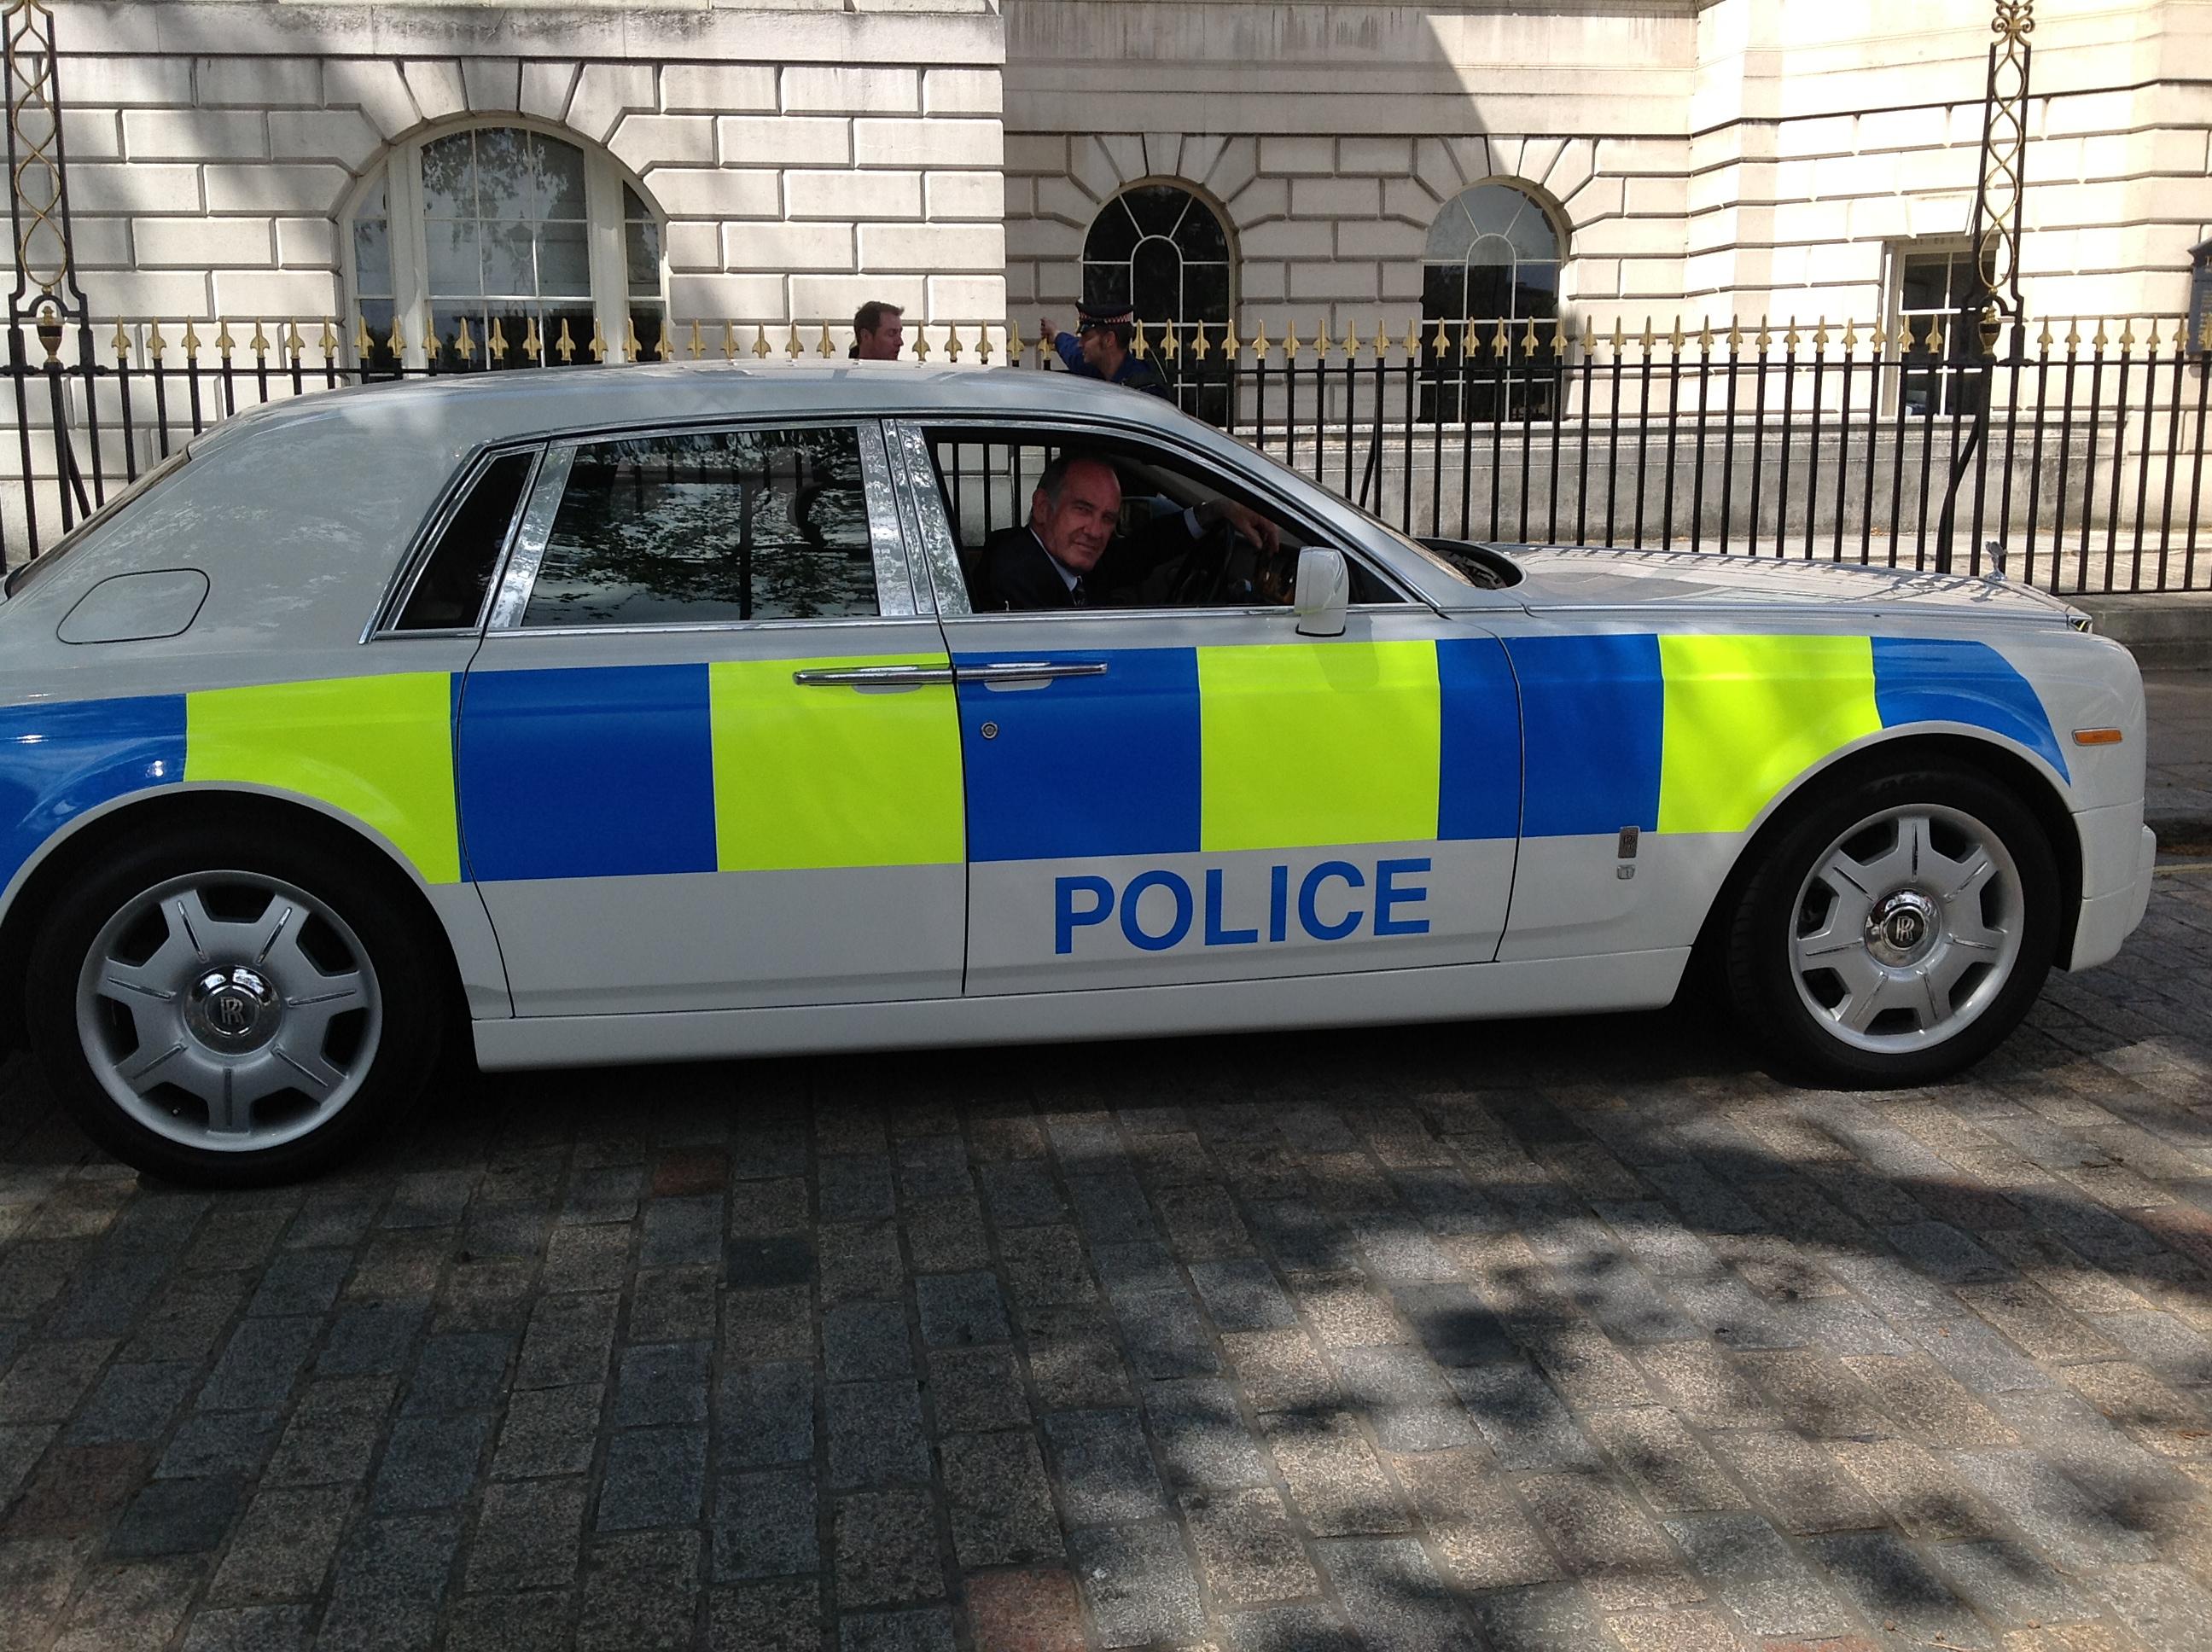 Signature Rolls Royce Phantom Has a Makeover for a new TV ...